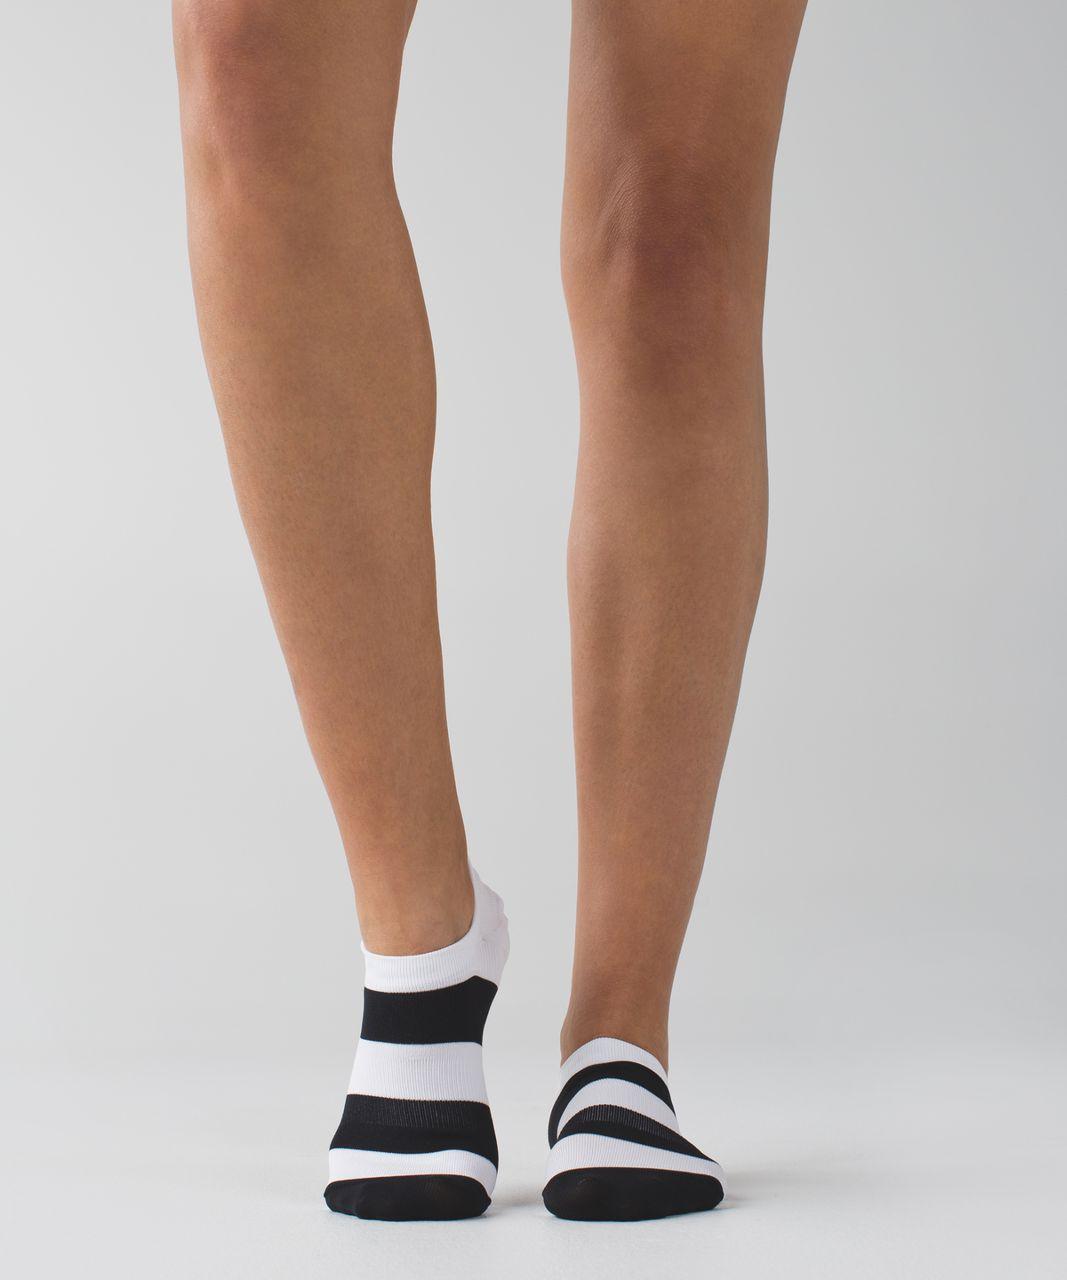 Lululemon Play All Day Sock - Black / White